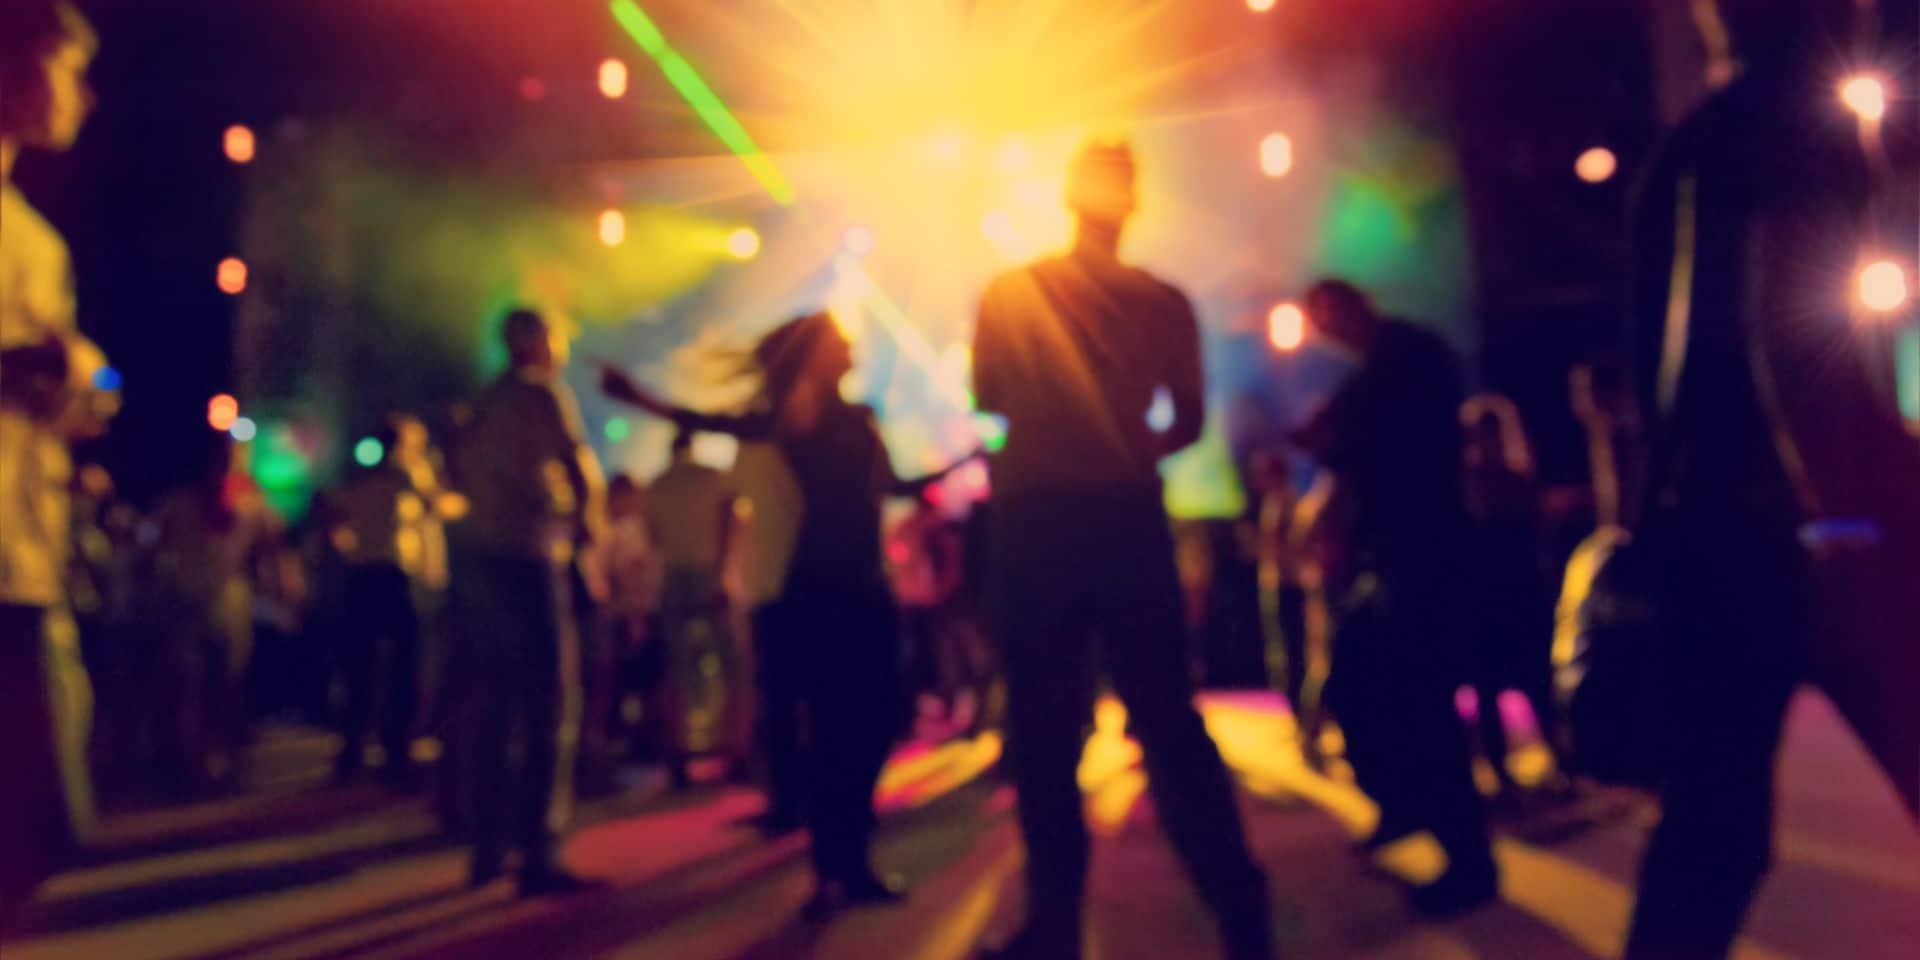 La police a mis fin à une rave party de 300 personnes à Leeuw Saint-Pierre